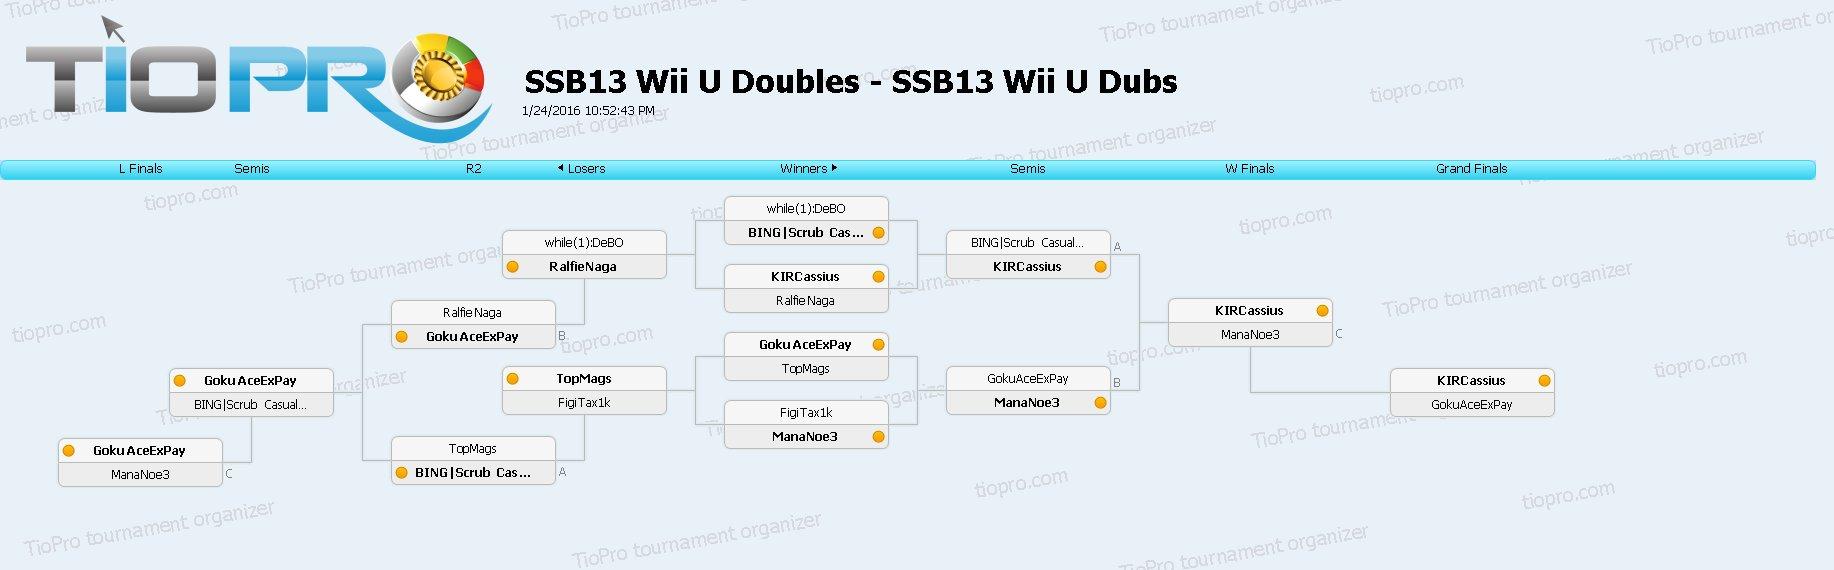 SSB13 Wii U Dubs